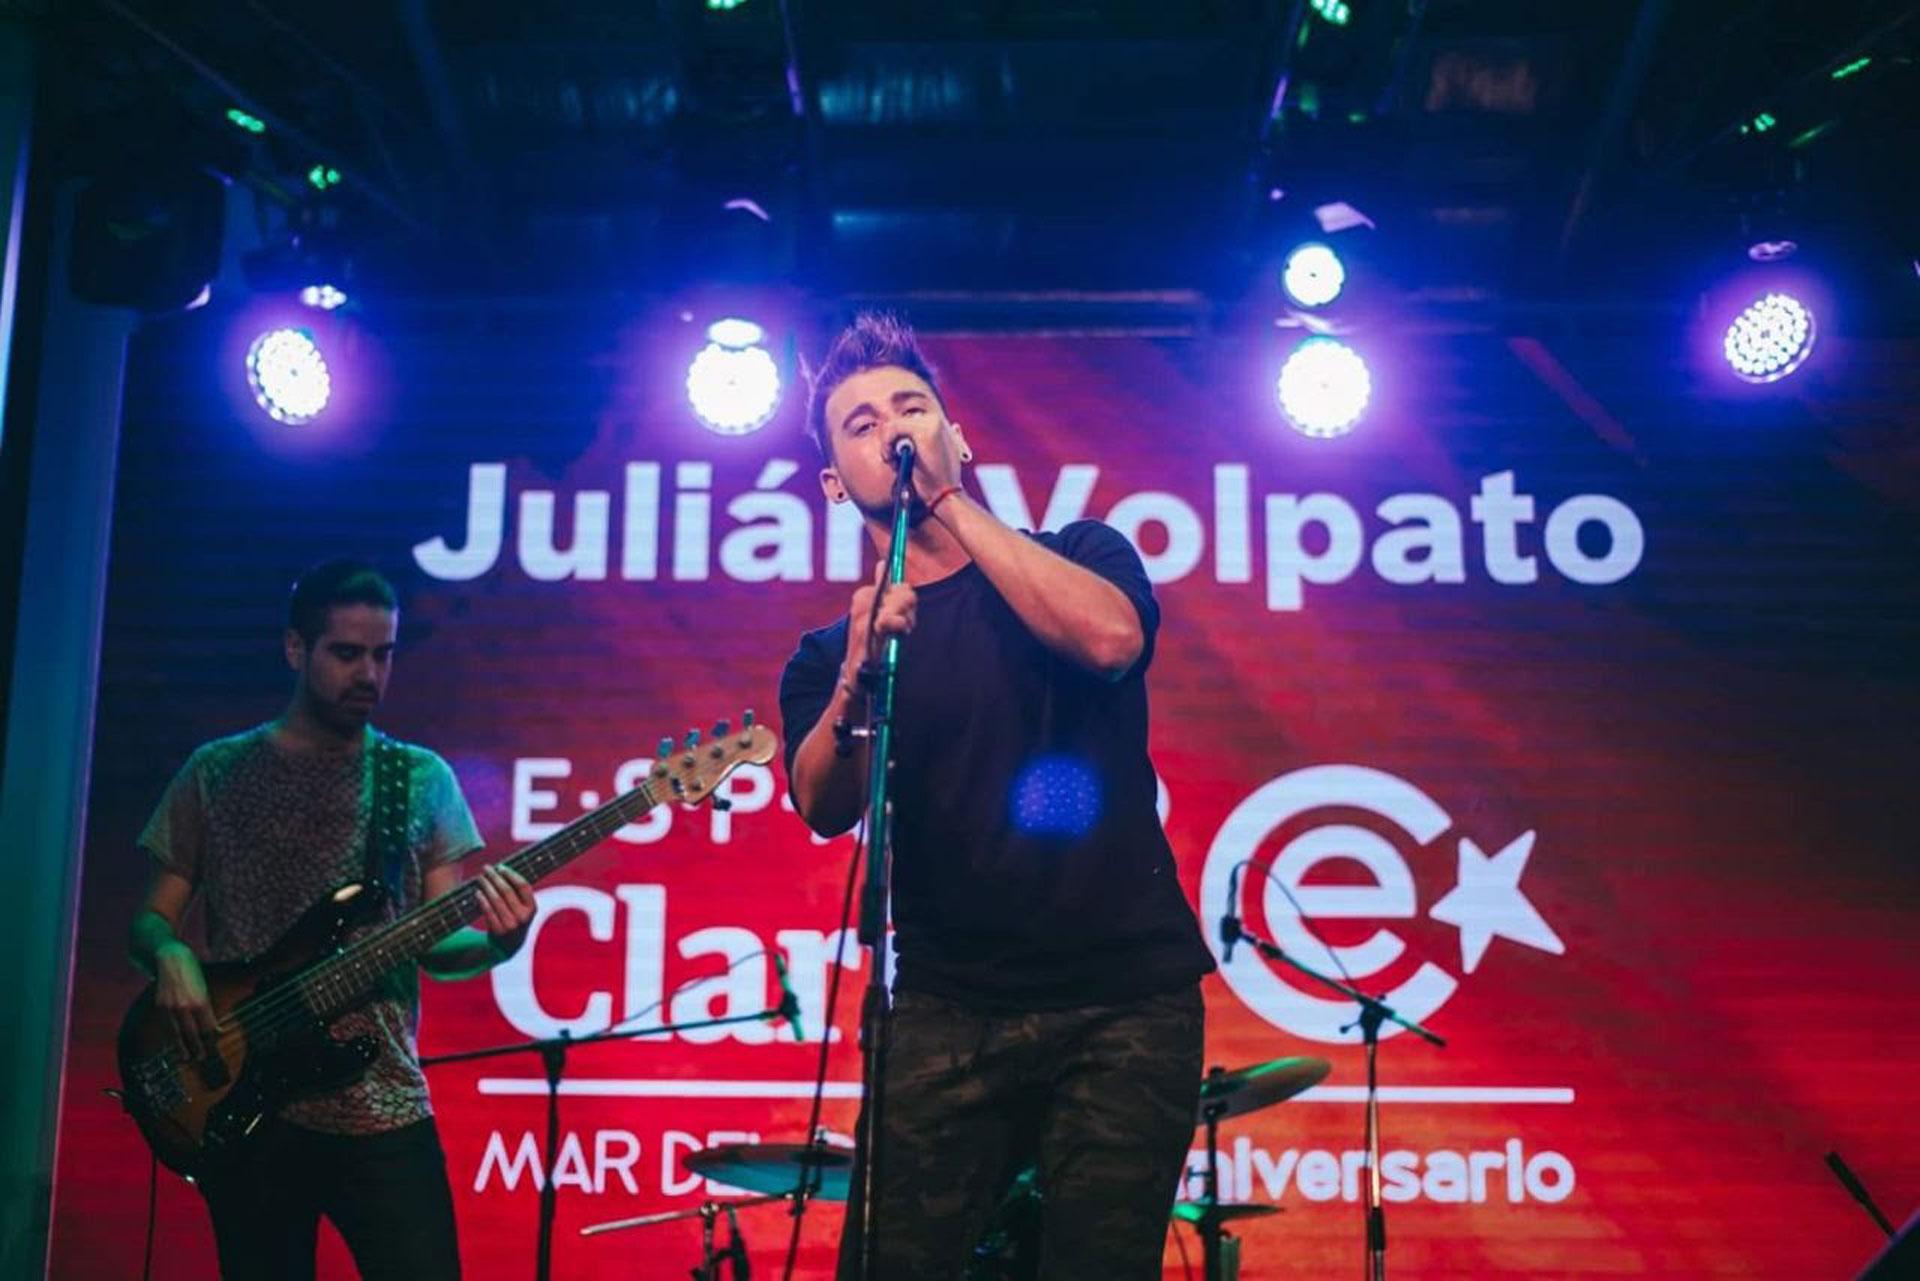 En febrero de 2018 Julián debutó junto a su banda en el cierre del show de Espacio Clarín en Mar del Plata, con más de 10 mil espectadores y en un escenario con grandes artistas como Juan Baglietto, La Mosca, Jairo y Midachi.